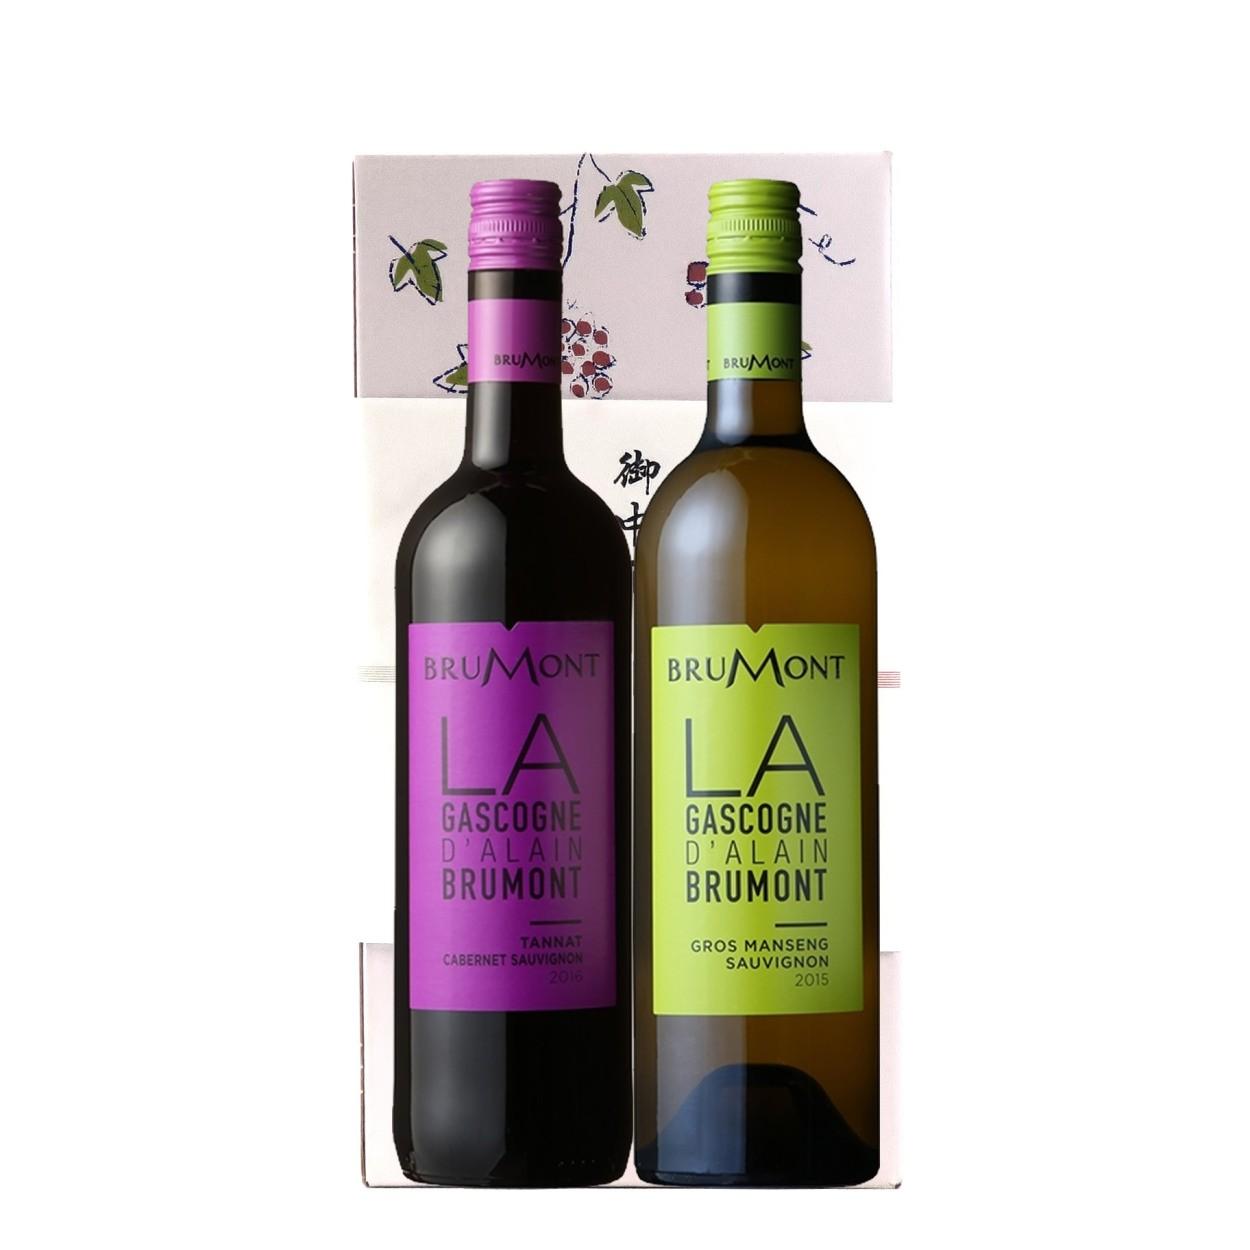 仏ワイン界の名手アランブリュモン